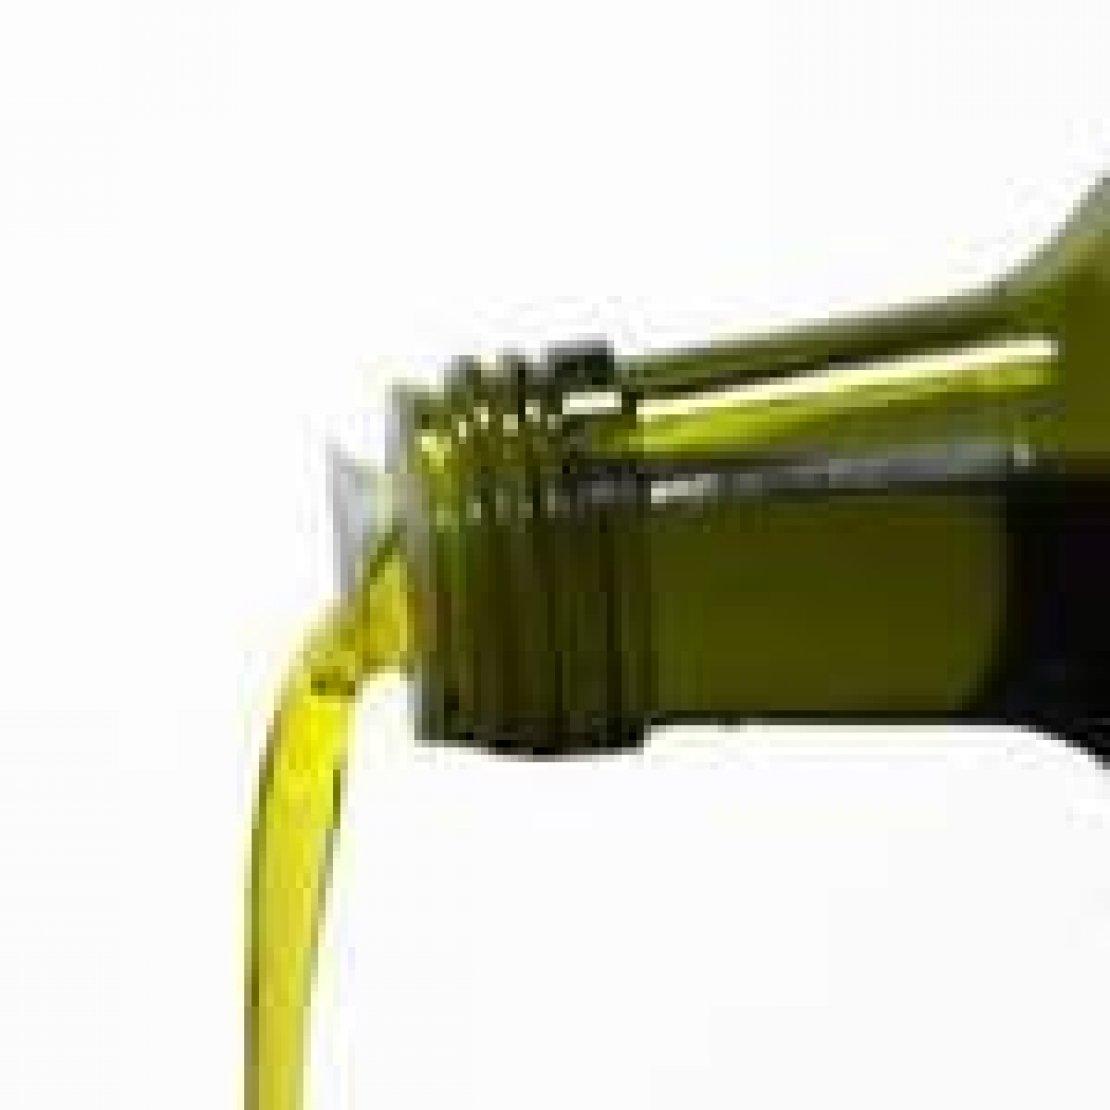 Piccoli olivicoltori crescono ma per imbottigliare quanta burocrazia!